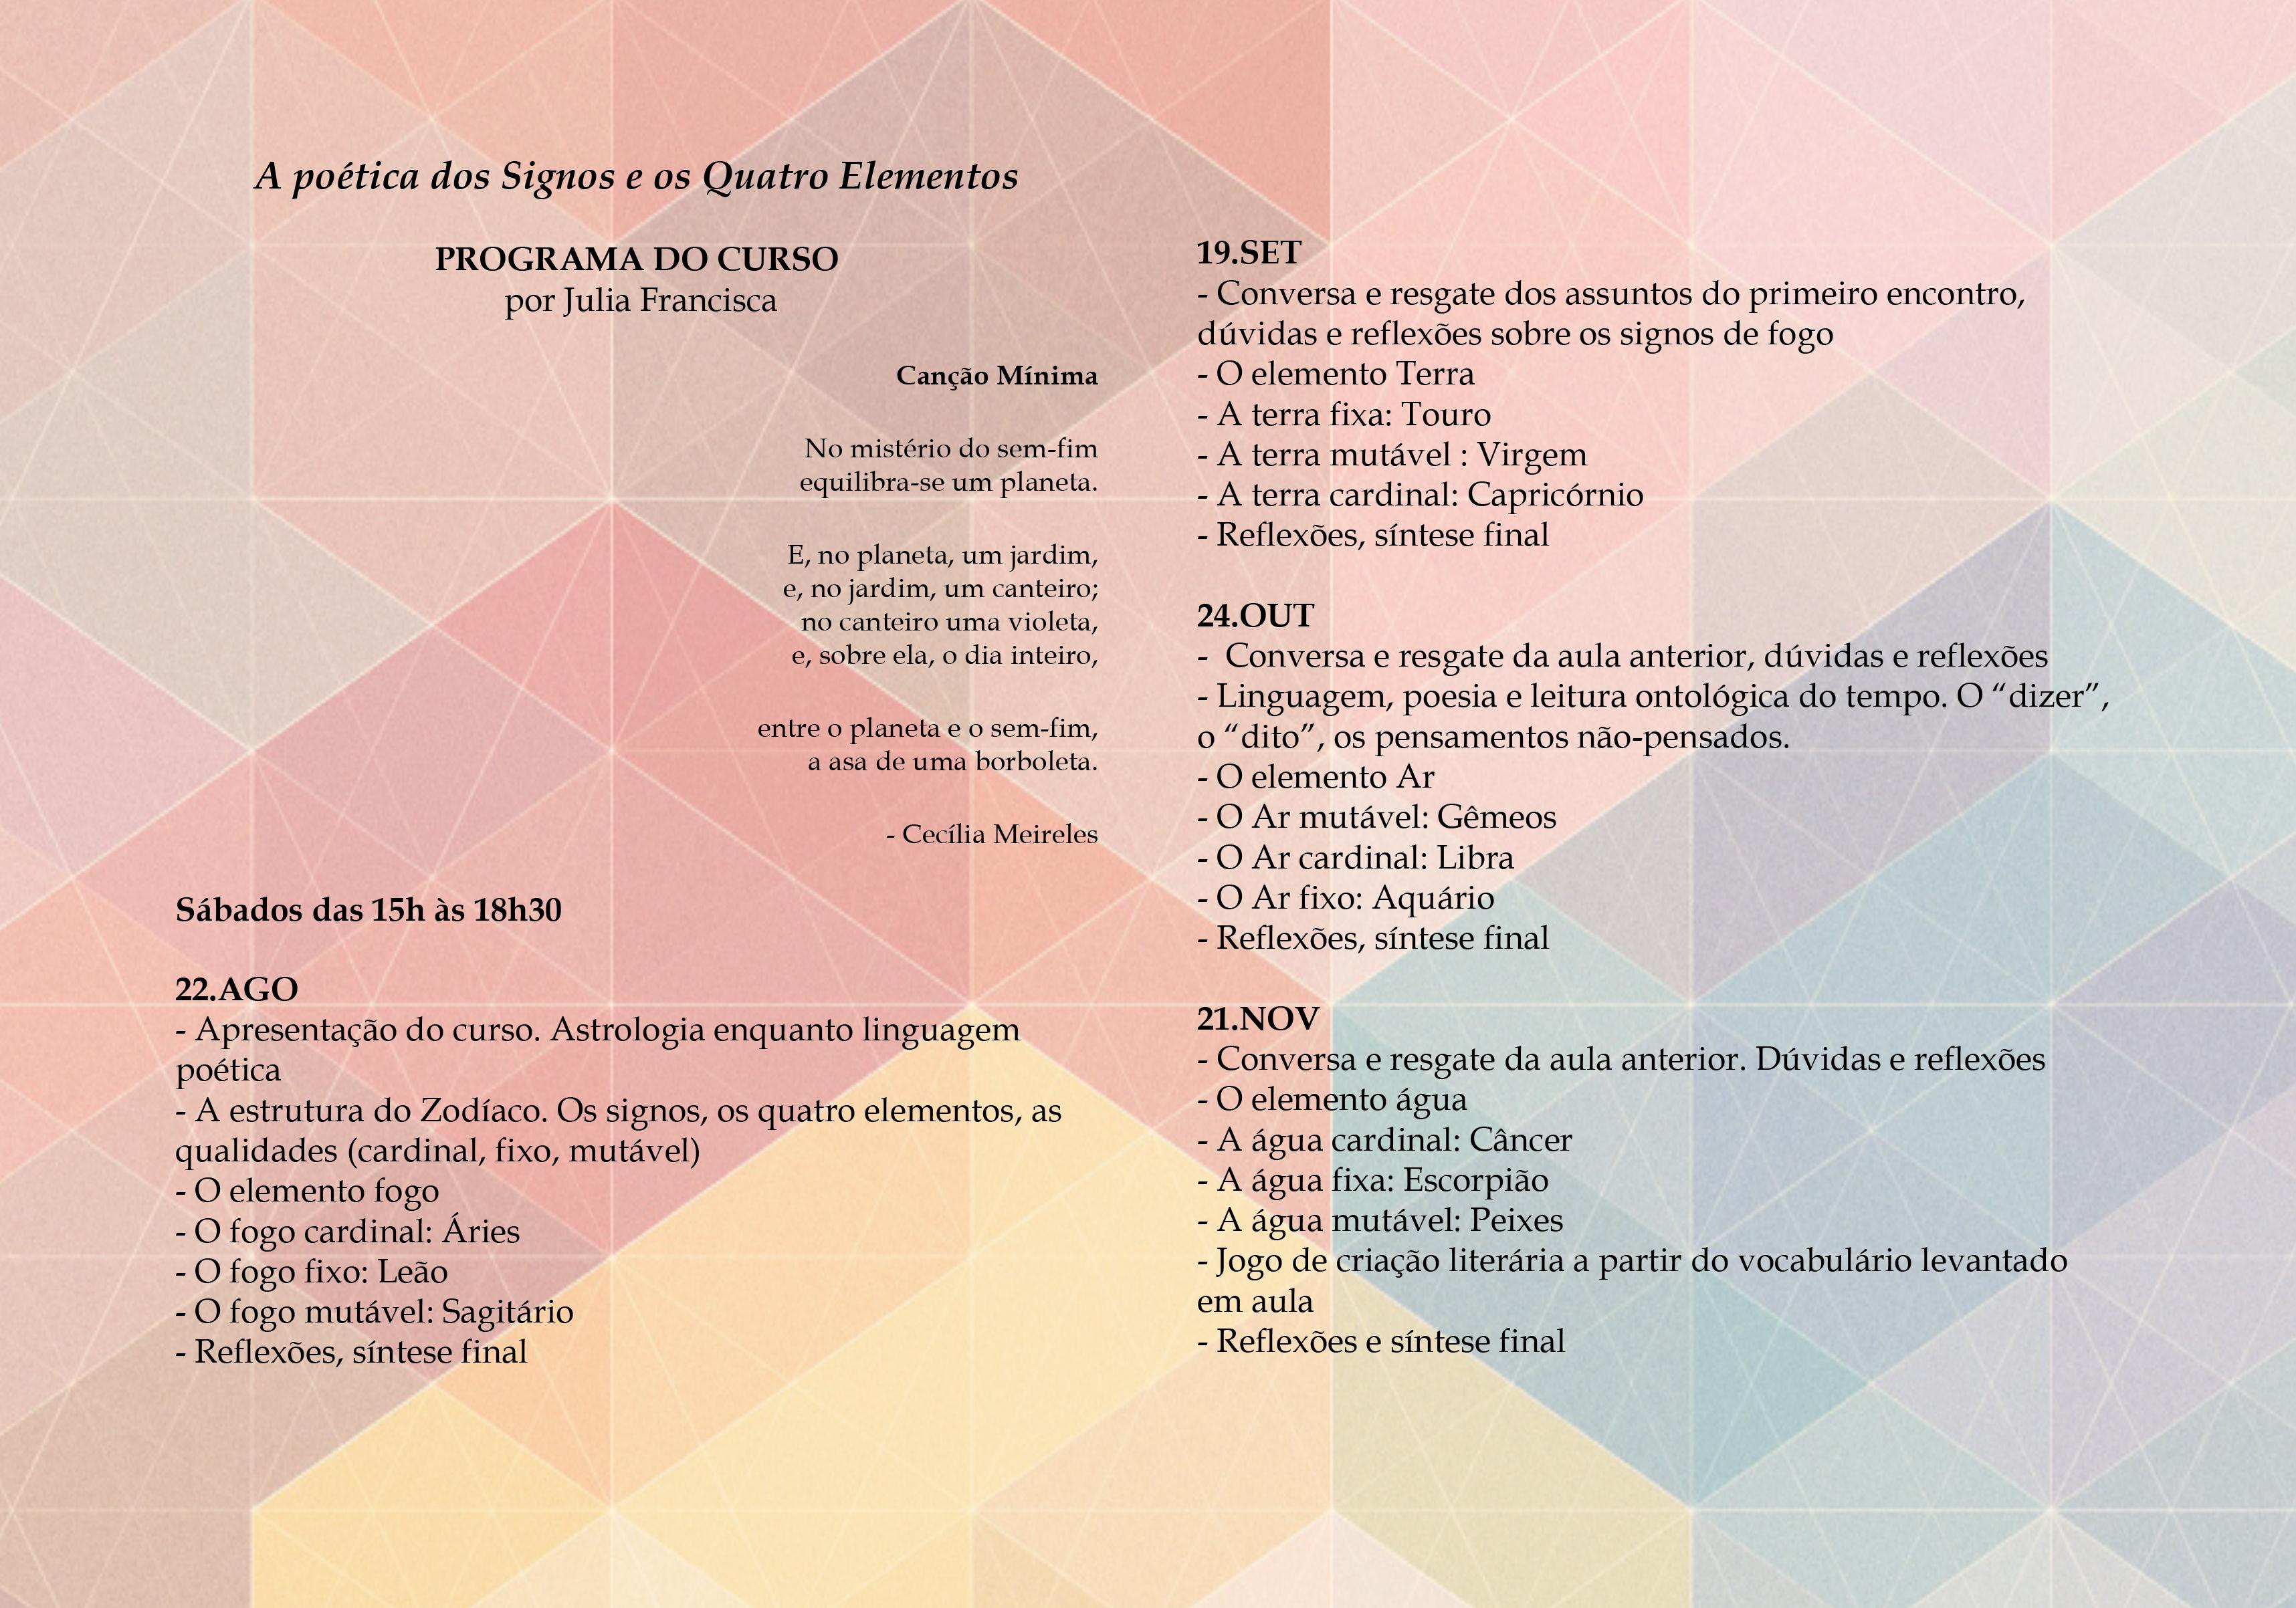 Microsoft Word - programa do curso_divulg.docx